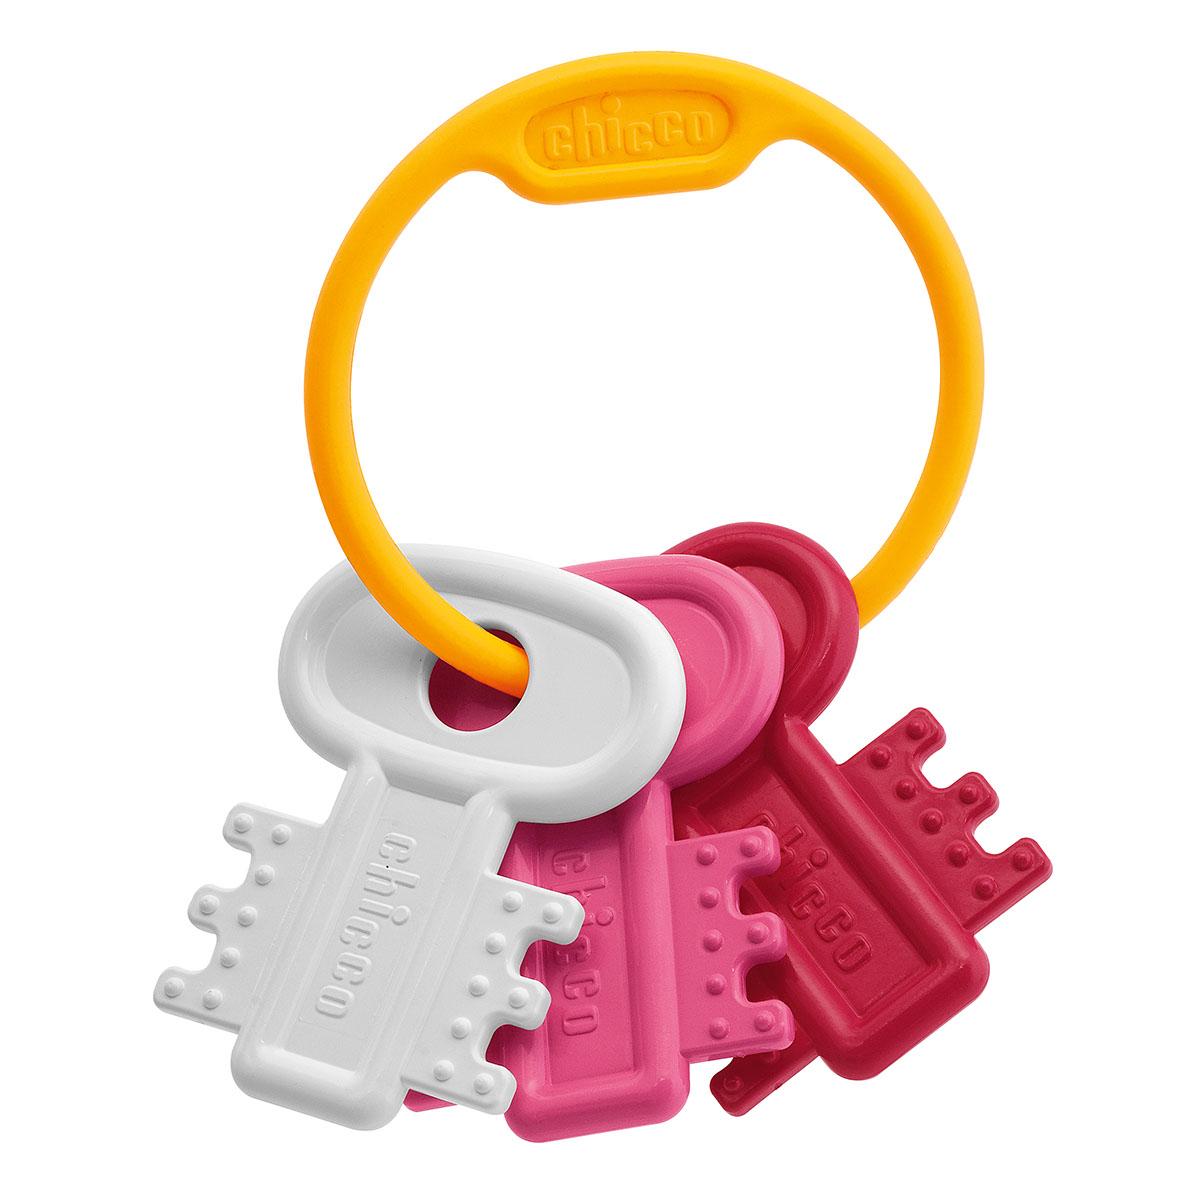 Погремушка-прорезыватель «Ключи на кольце», розовыеДетские погремушки и подвесные игрушки на кроватку<br>Погремушка-прорезыватель «Ключи на кольце», розовые<br>